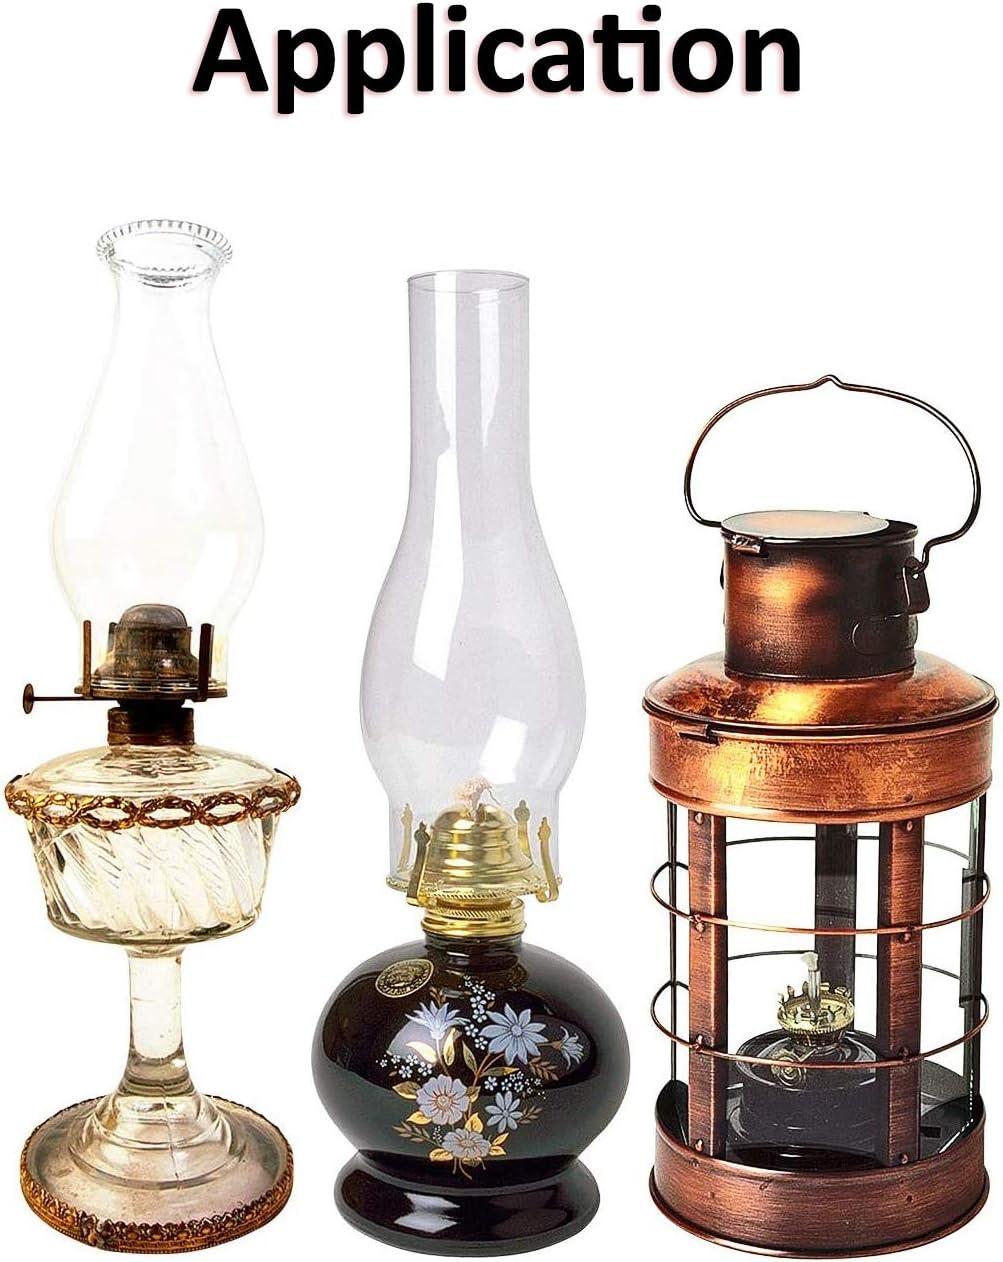 rouleau de 6 pieds//rouleau br/ûleur /à huile avec couture m/èche plate en coton pour lanterne /à huile 3//4 cm Onew M/èches de lampe